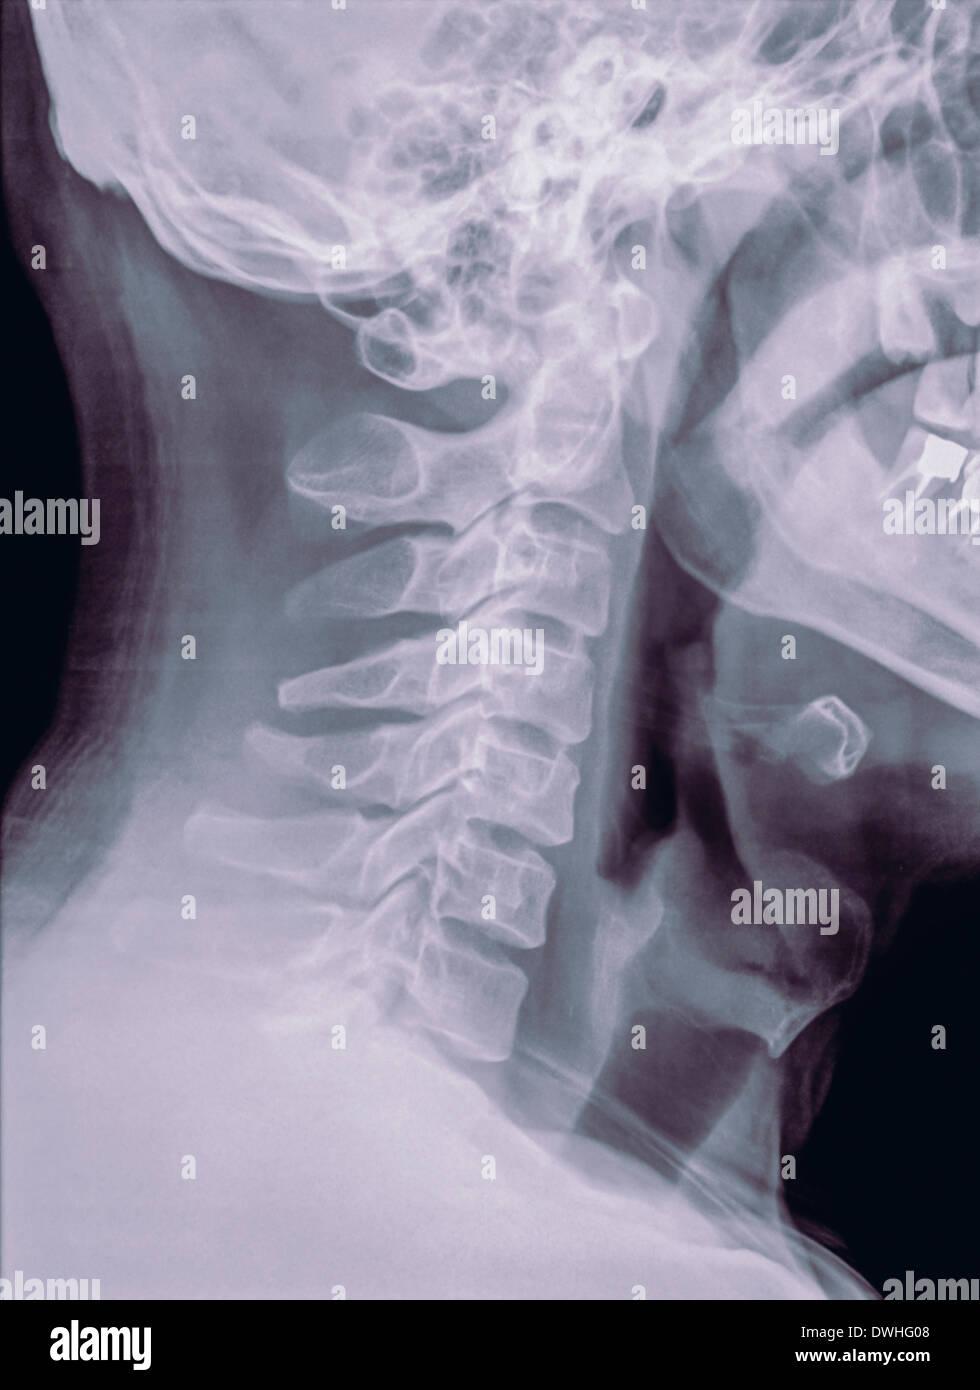 Raggio normale del raggio X Fotografie Stock Raggio normale del collo X Raggio-1261